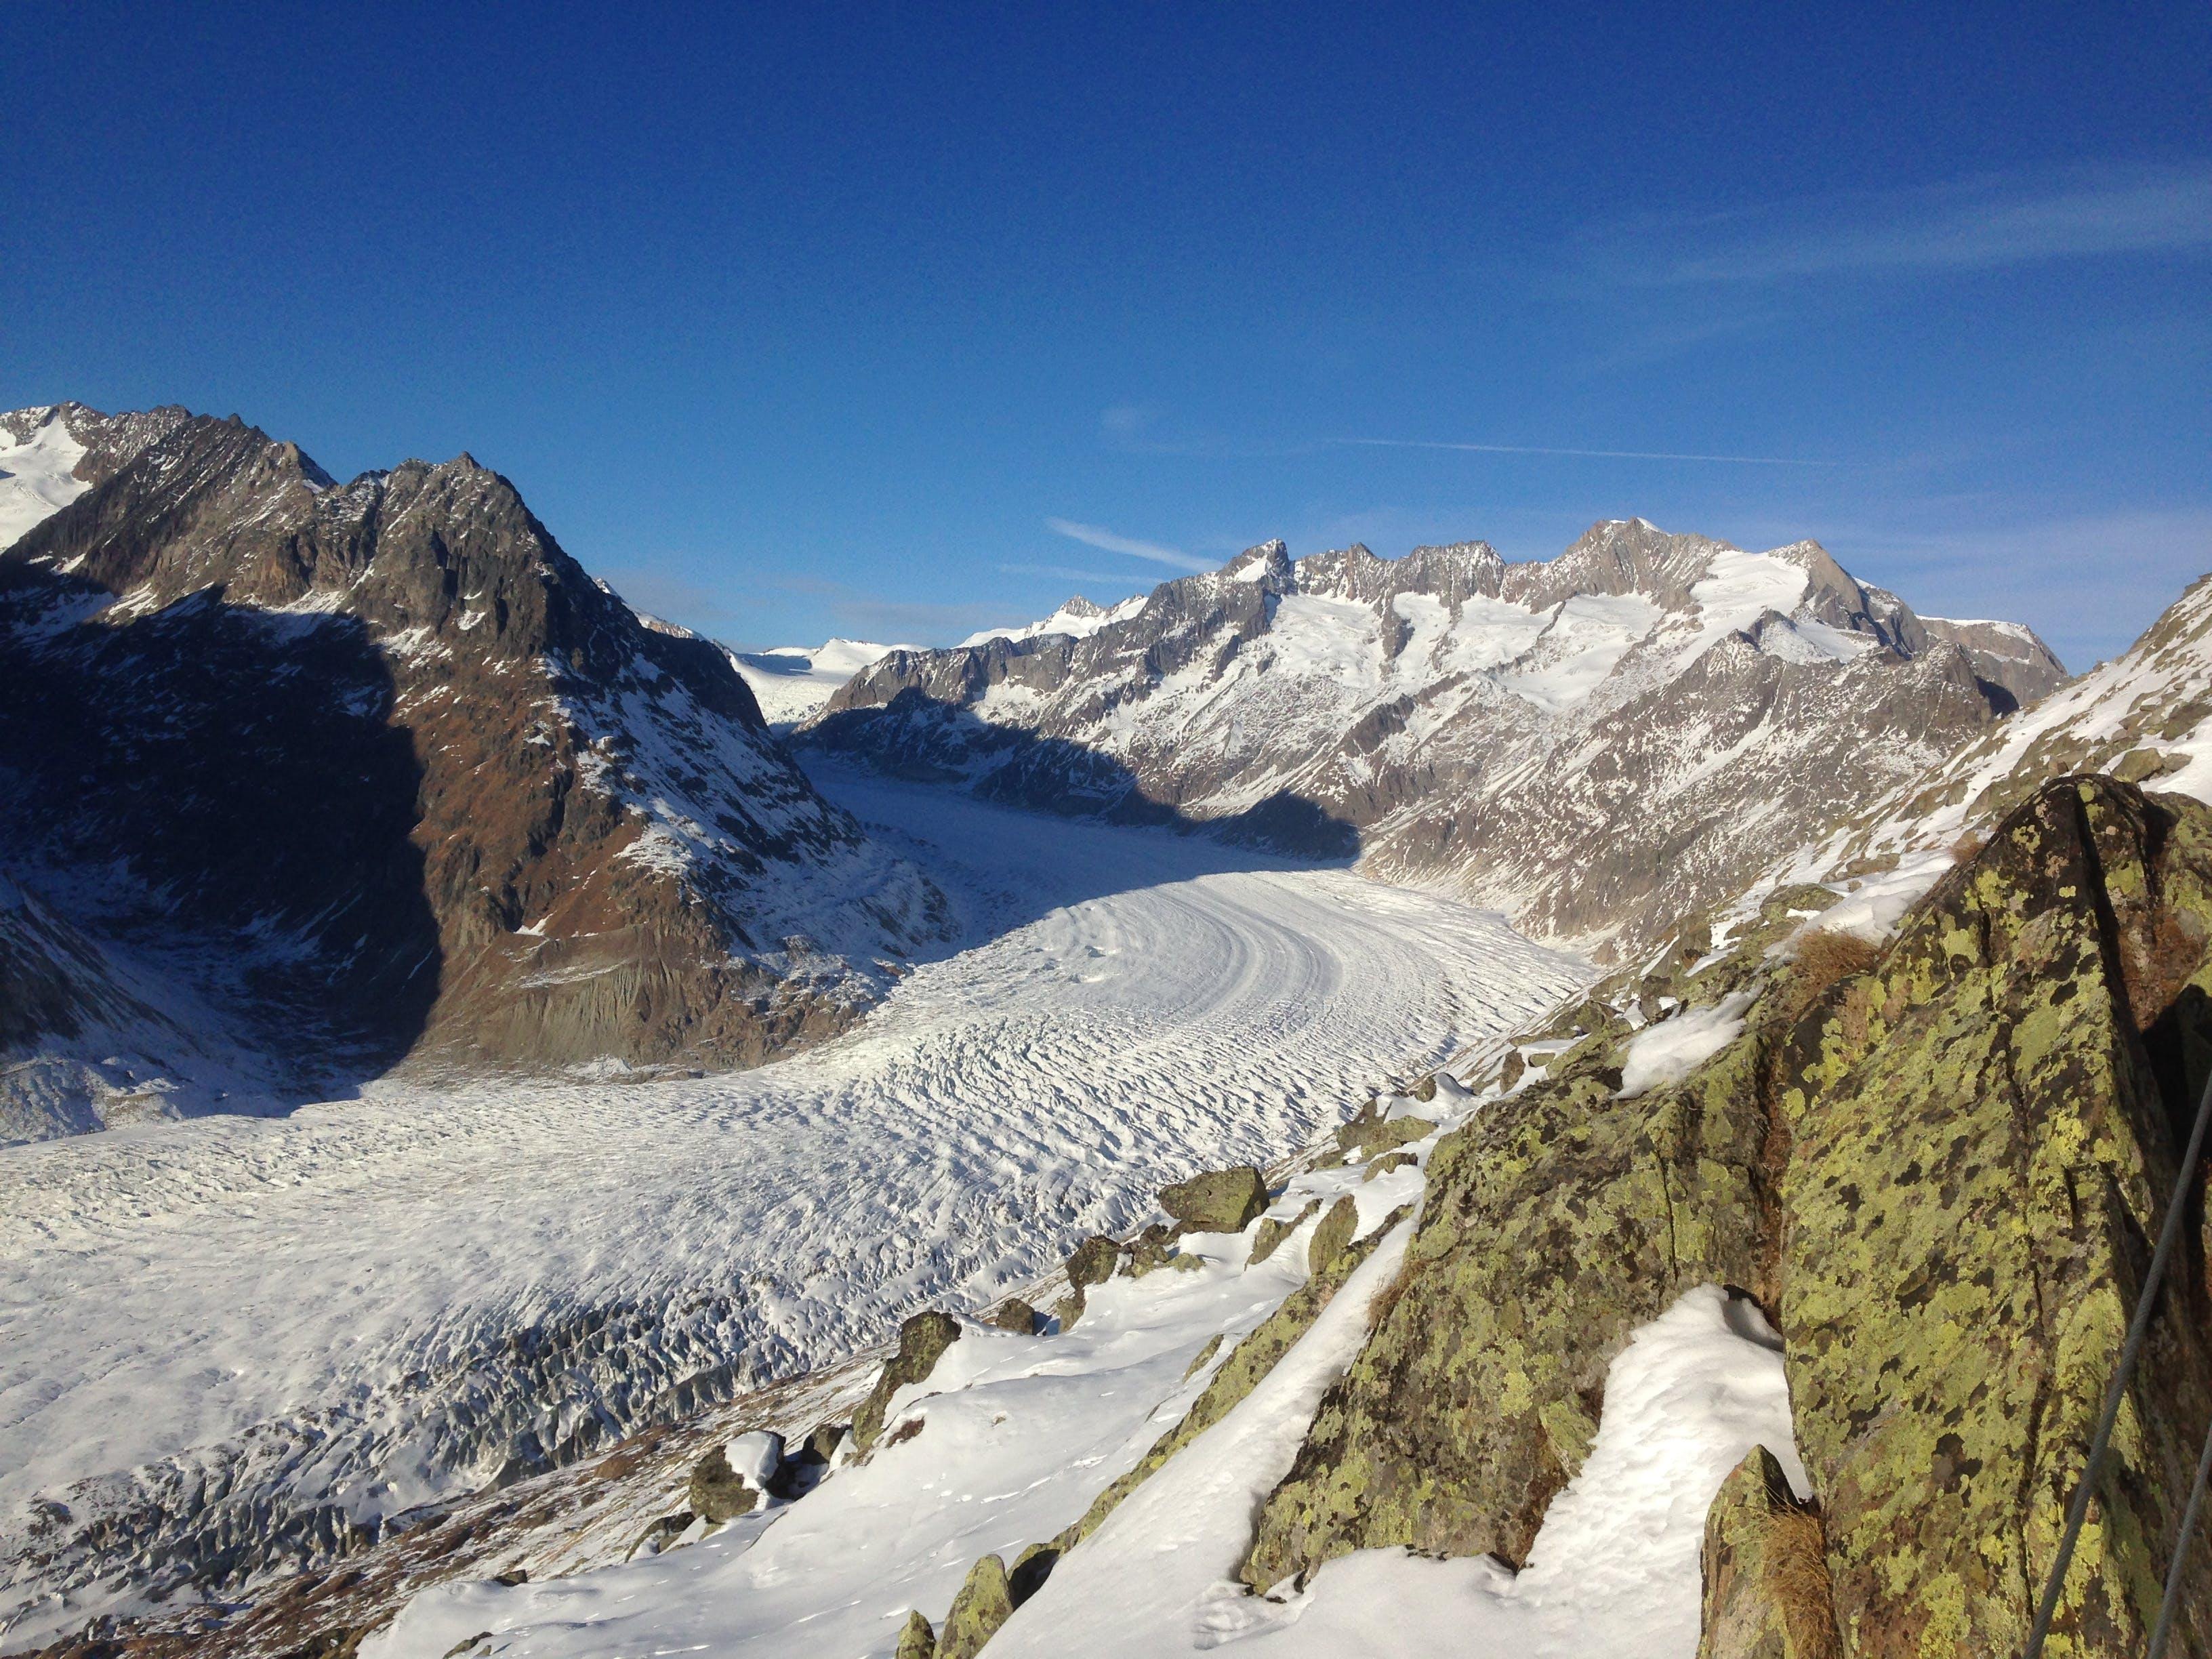 Δωρεάν στοκ φωτογραφιών με aletschgletscher, berge, blauer himmel, gletscher